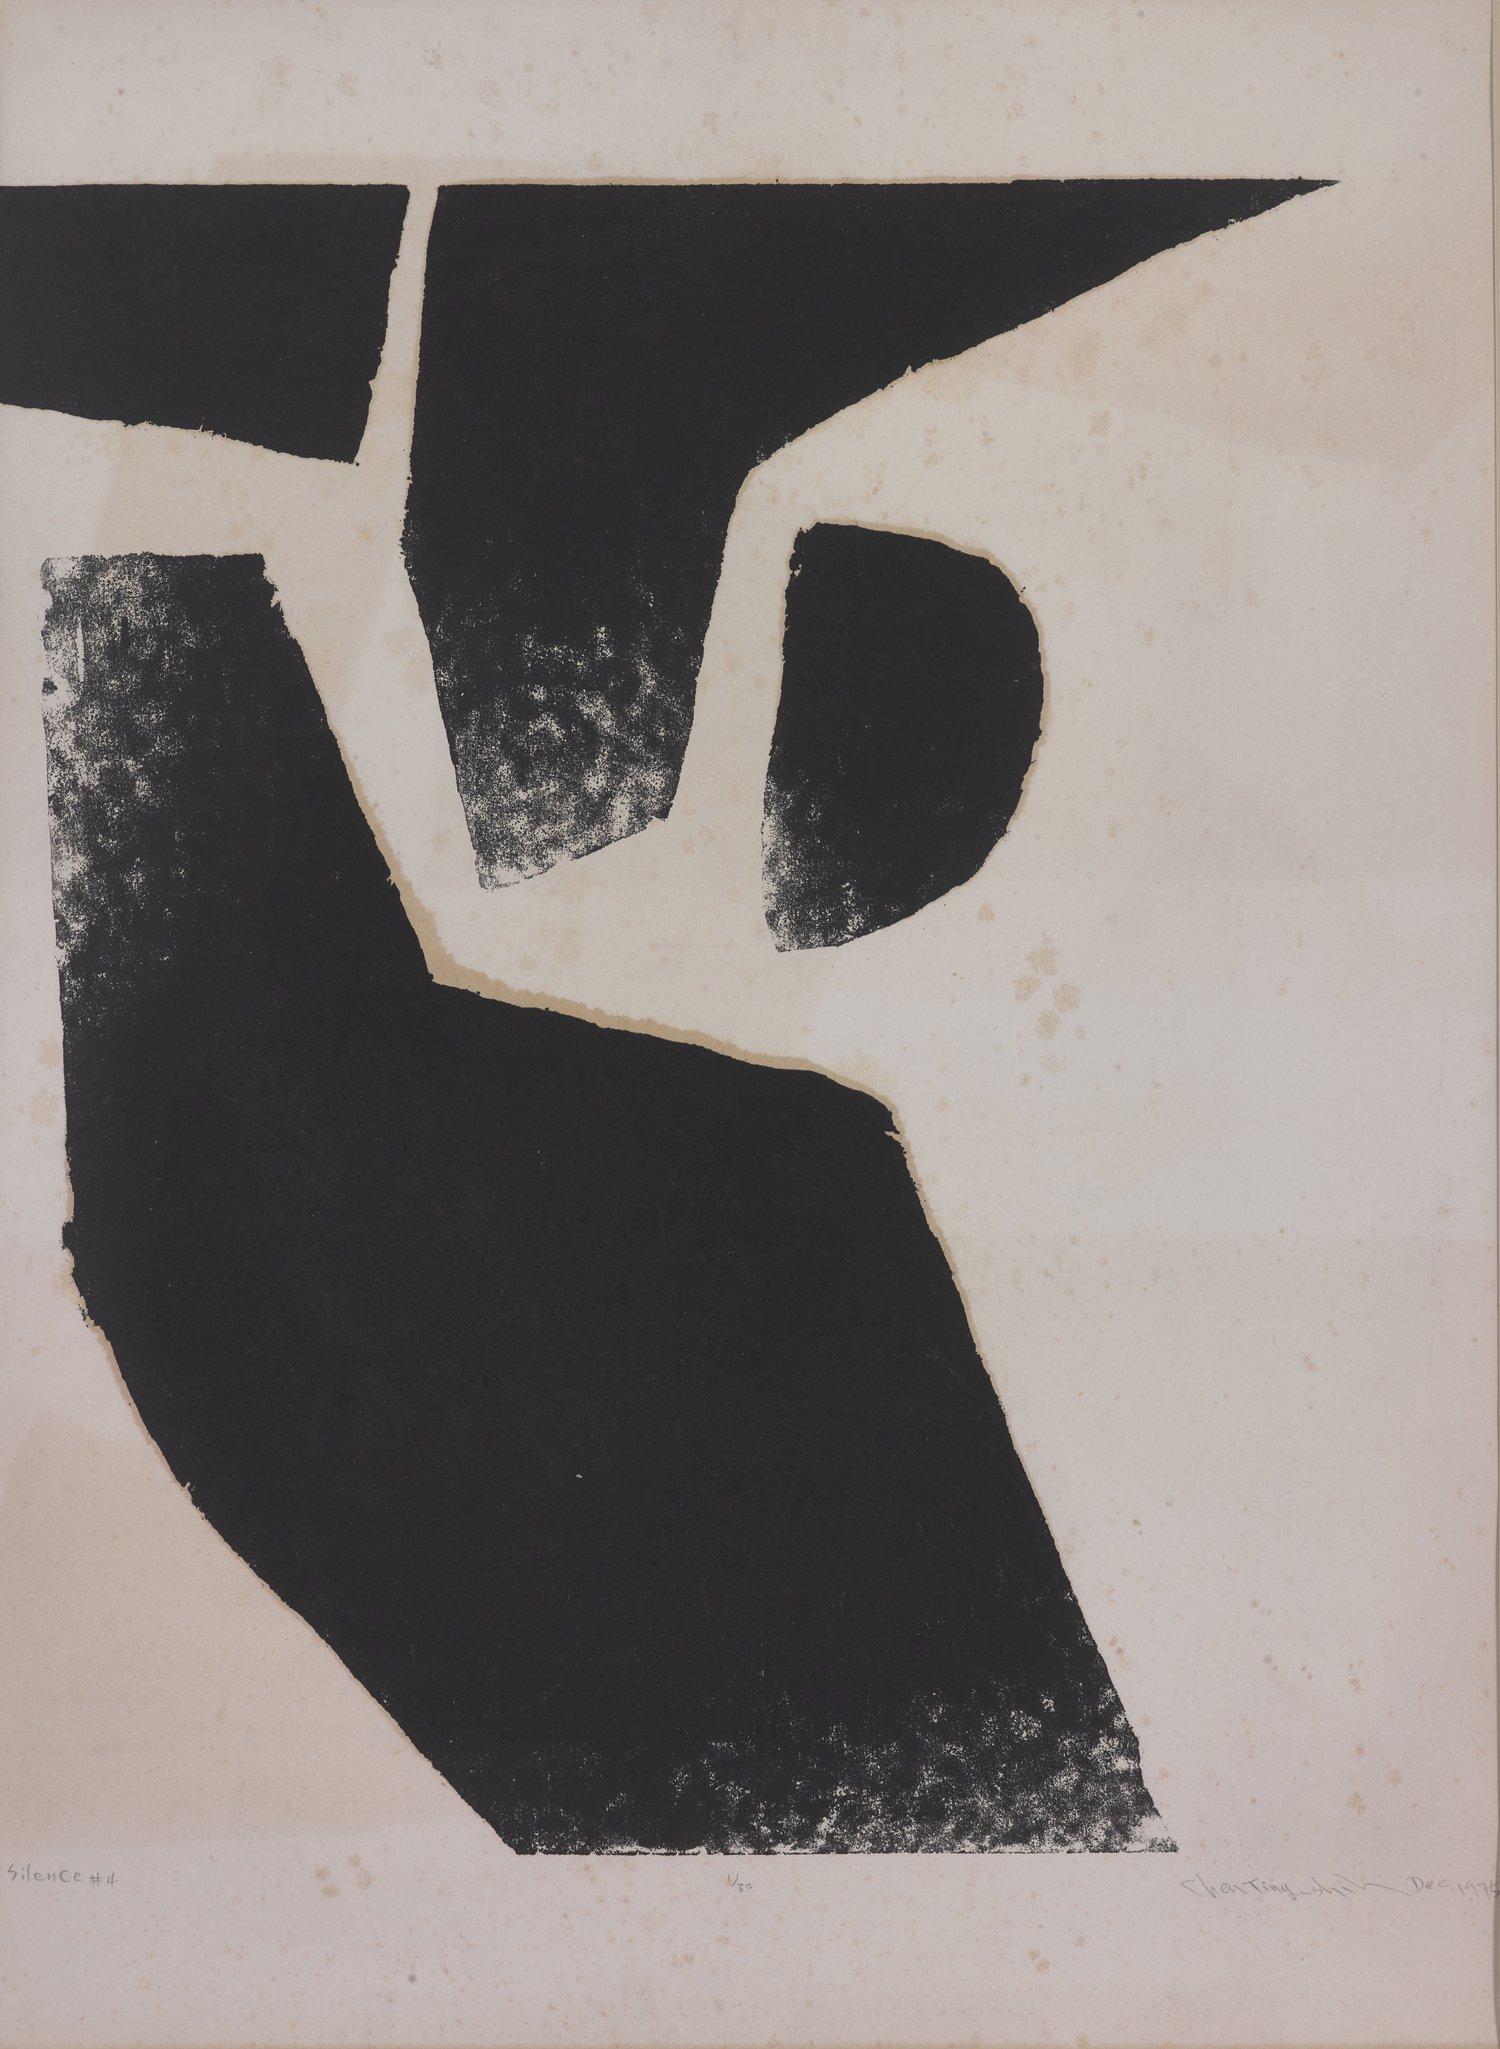 Chen Ting-Shih, Silence #4, woodcut print, 75 x 55 cm, 1975